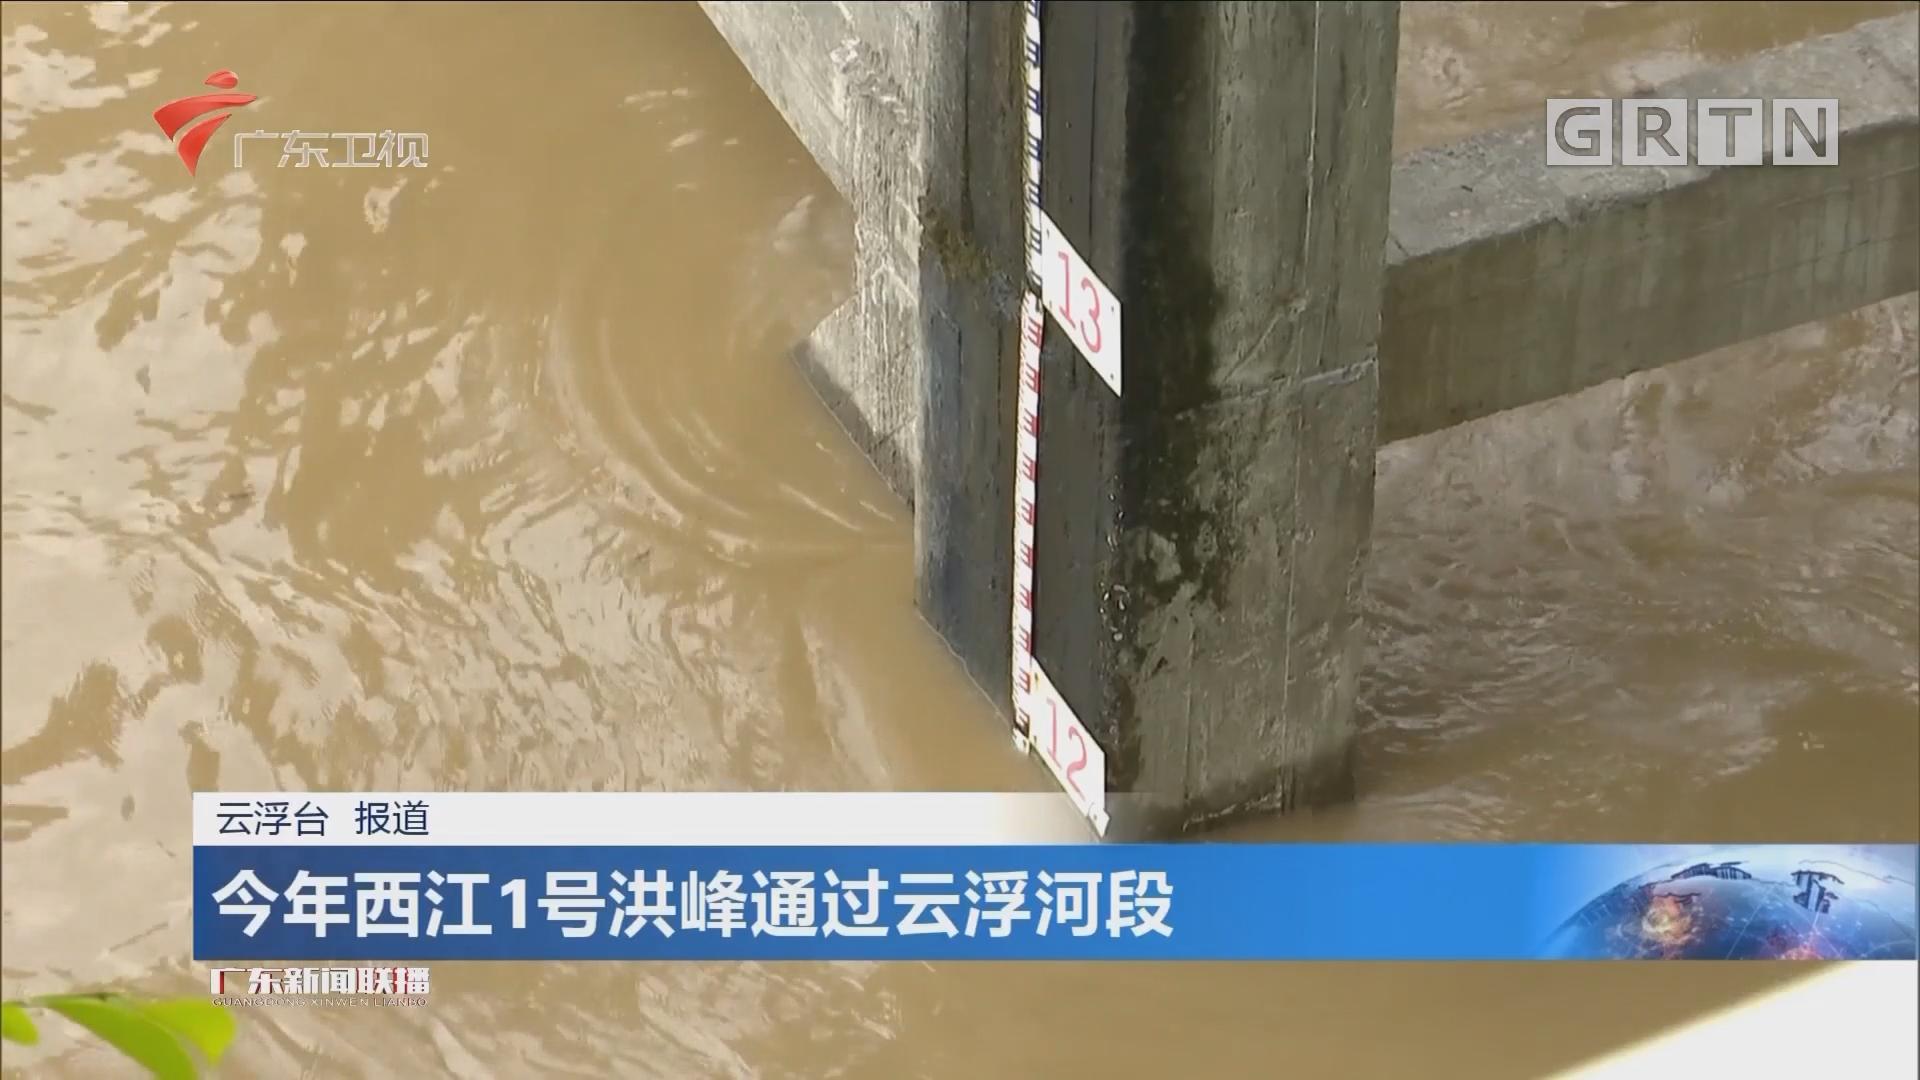 今年西江1号洪峰通过云浮河段